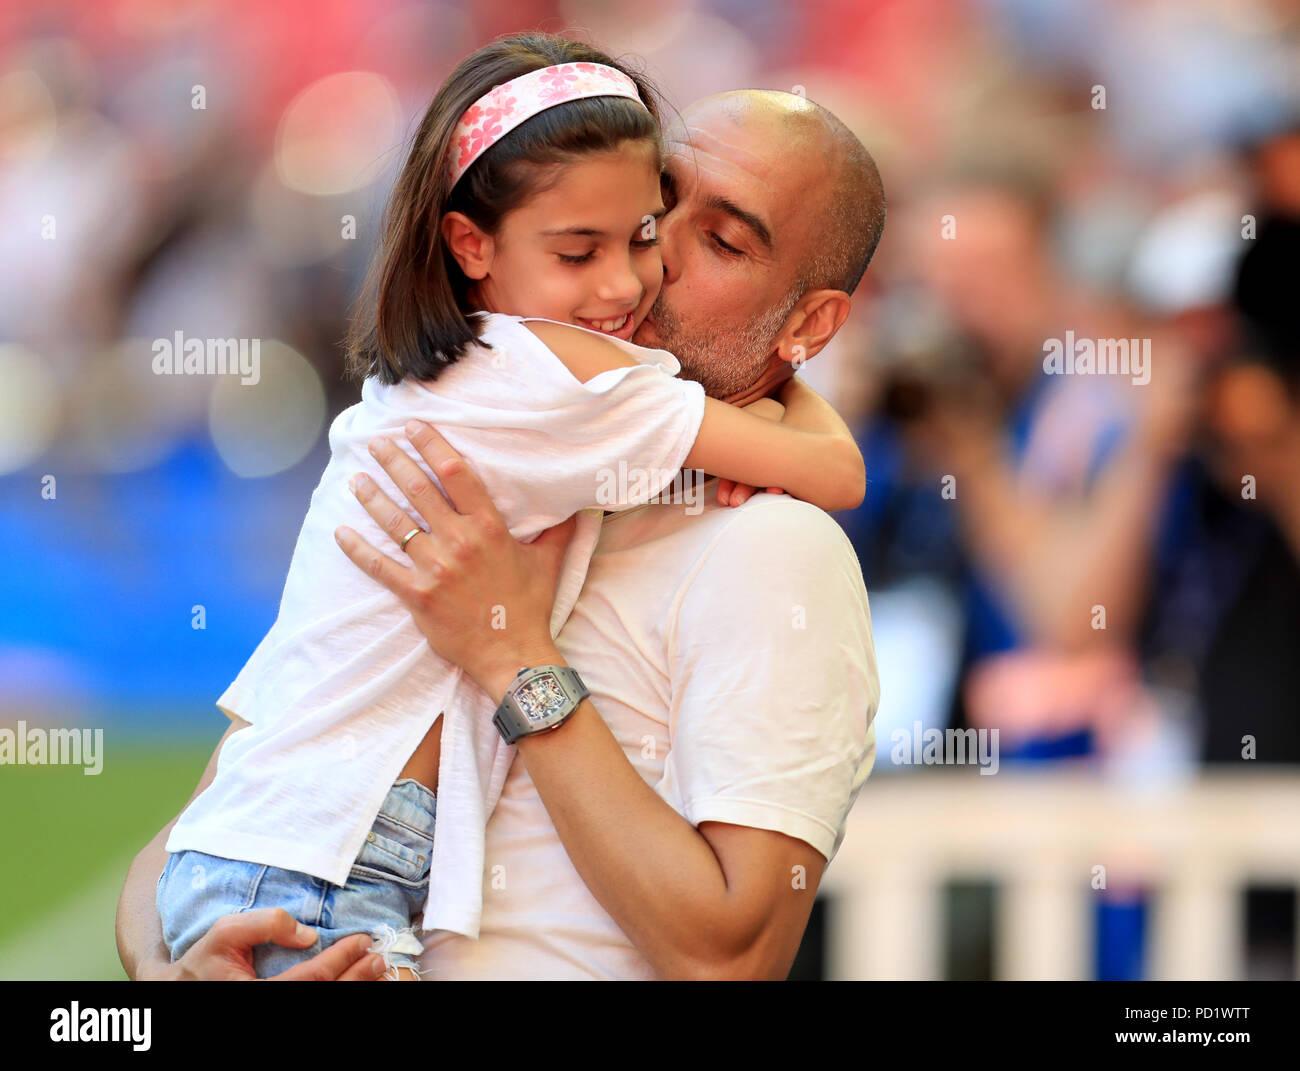 Pep Guardiola And Valentina Stockfotos und -bilder Kaufen - Alamy